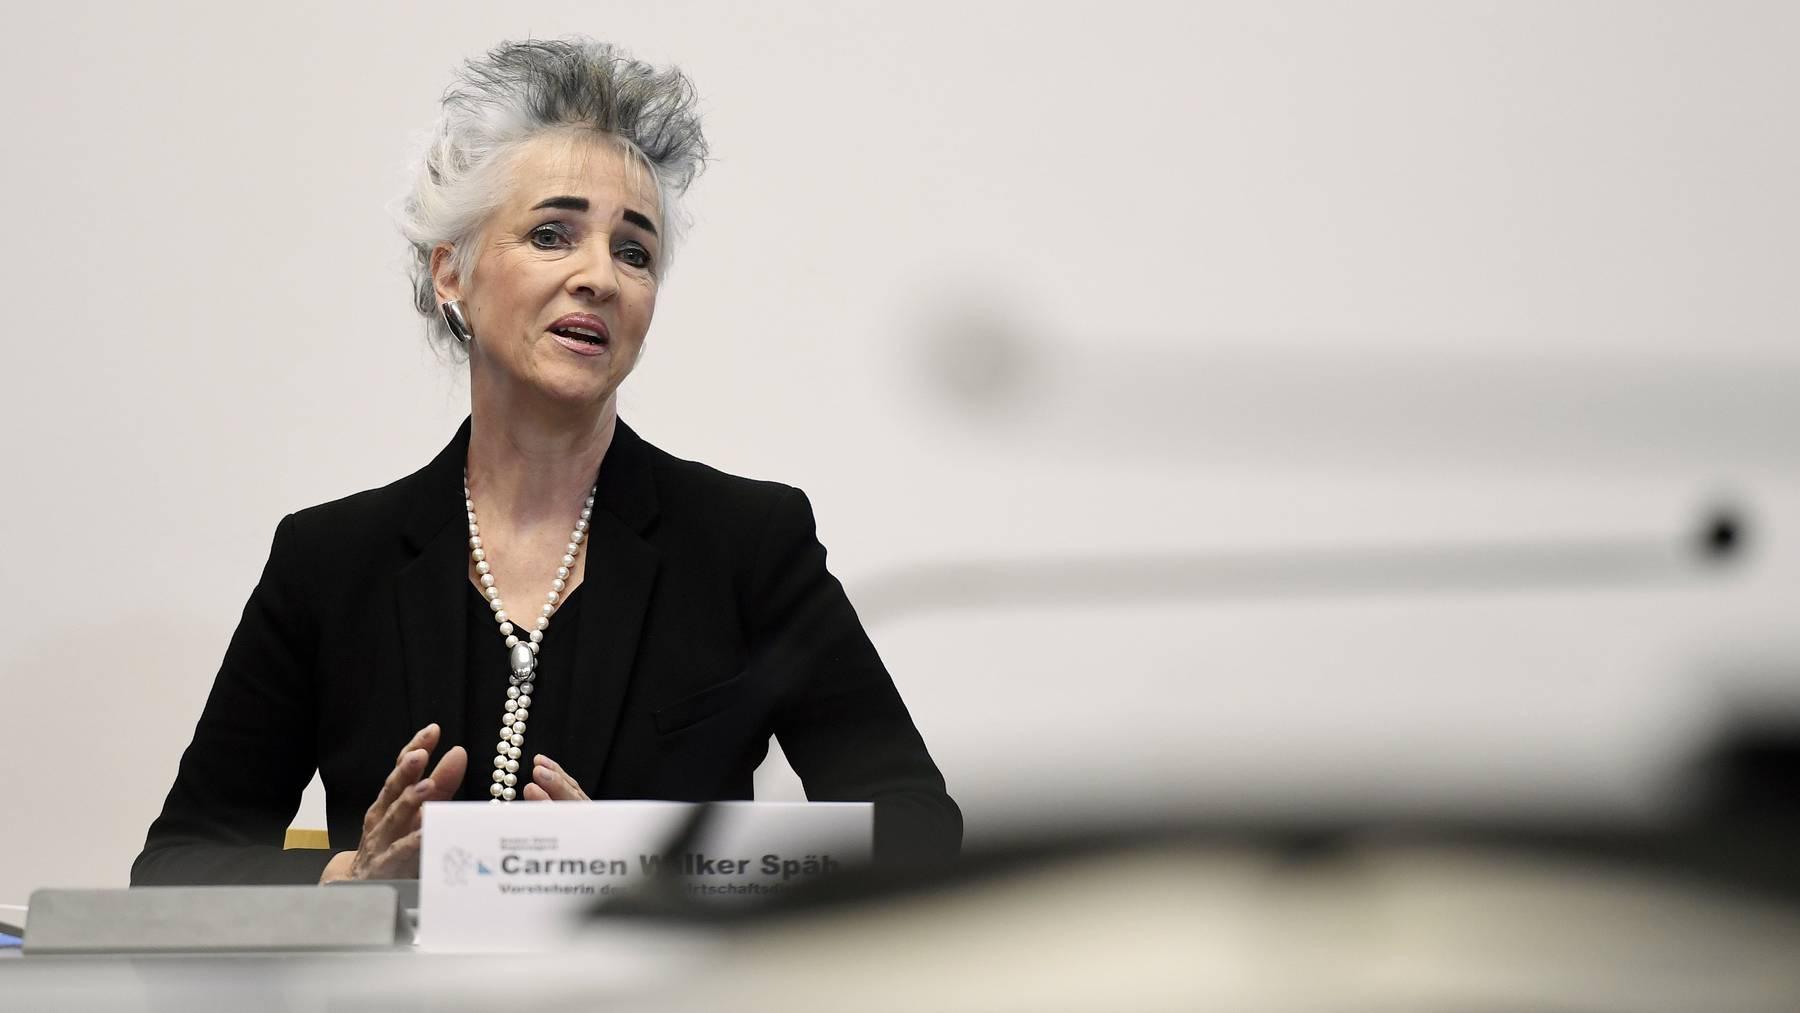 Volkswirtschaftsdirektorin Carmen Walker Späh bedauert den Entscheid, weist aber auf knappe Kapazitäten in den Spitälern hin.